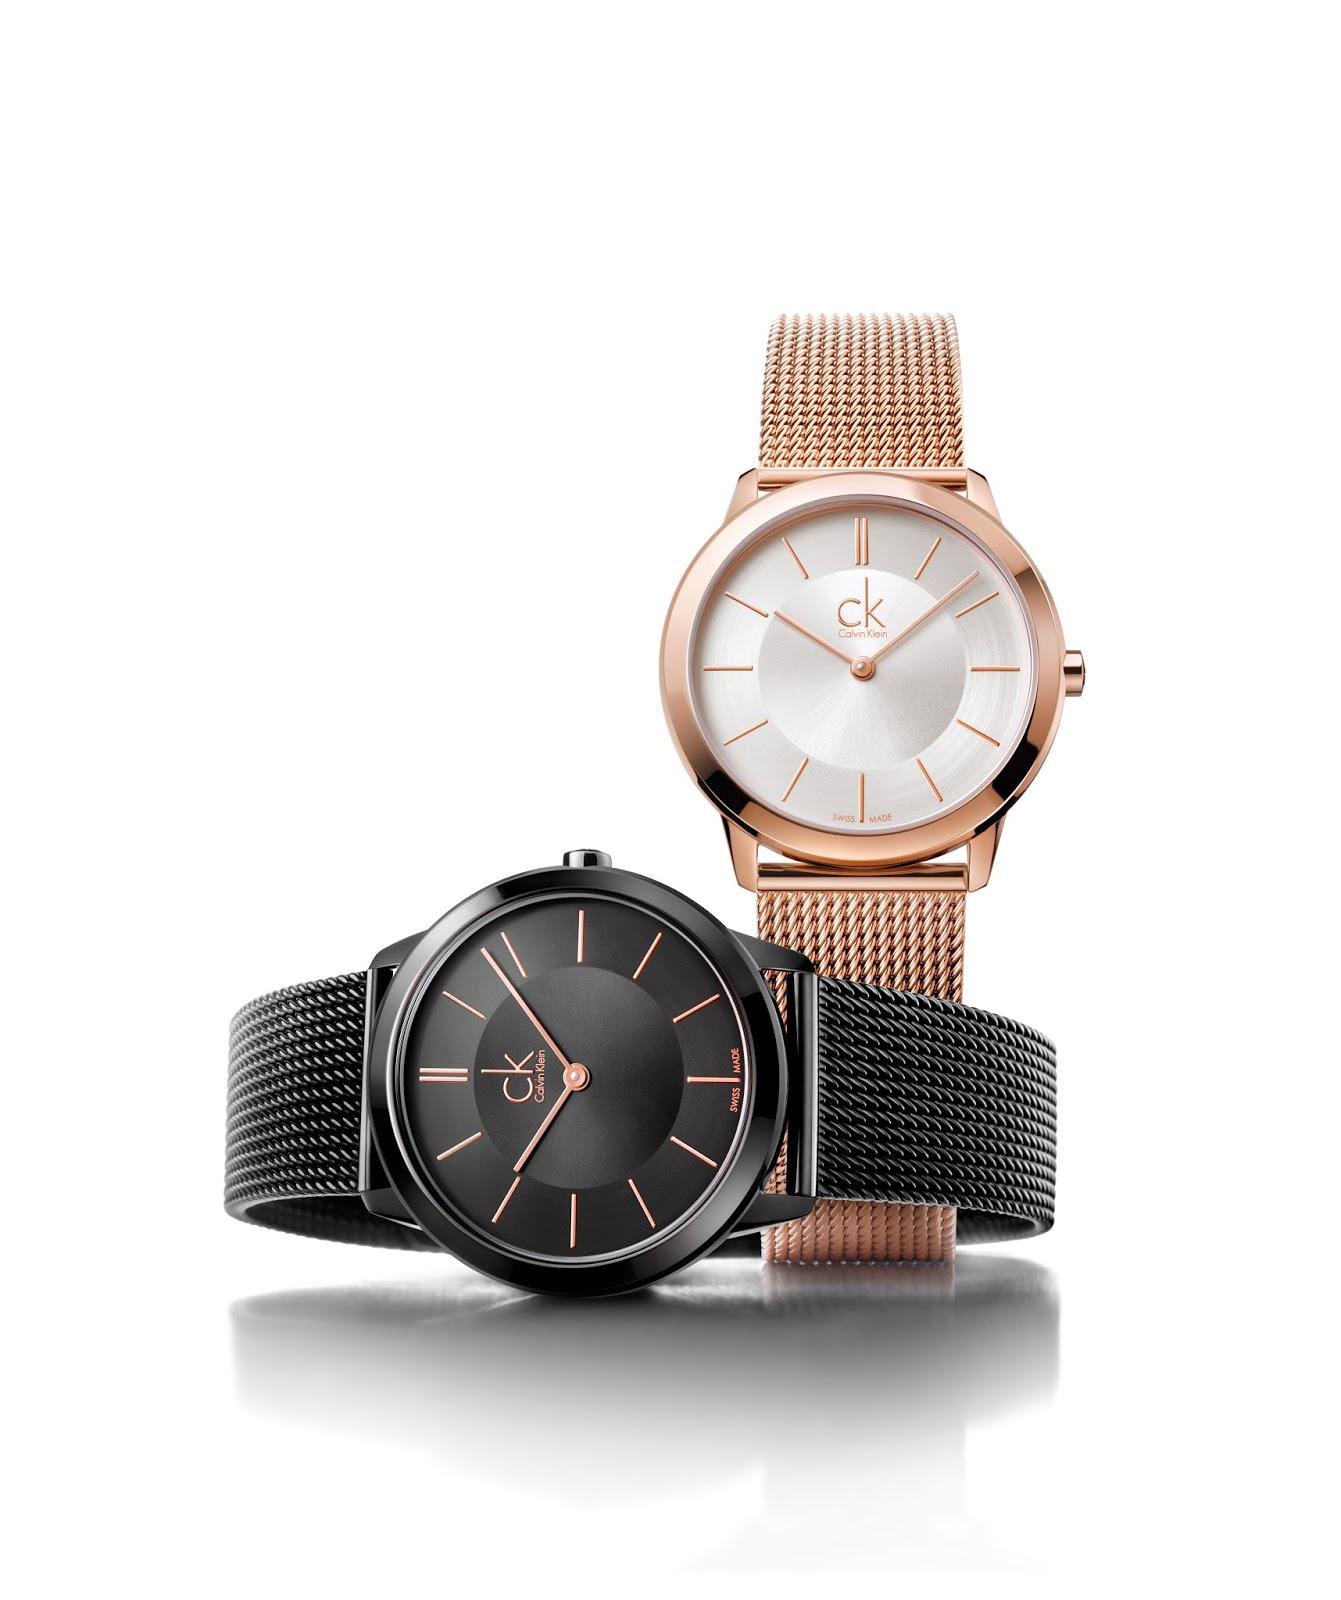 6366cb4d913 Estação Cronográfica  Chegado(s) ao mercado - relógios Calvin Klein ...